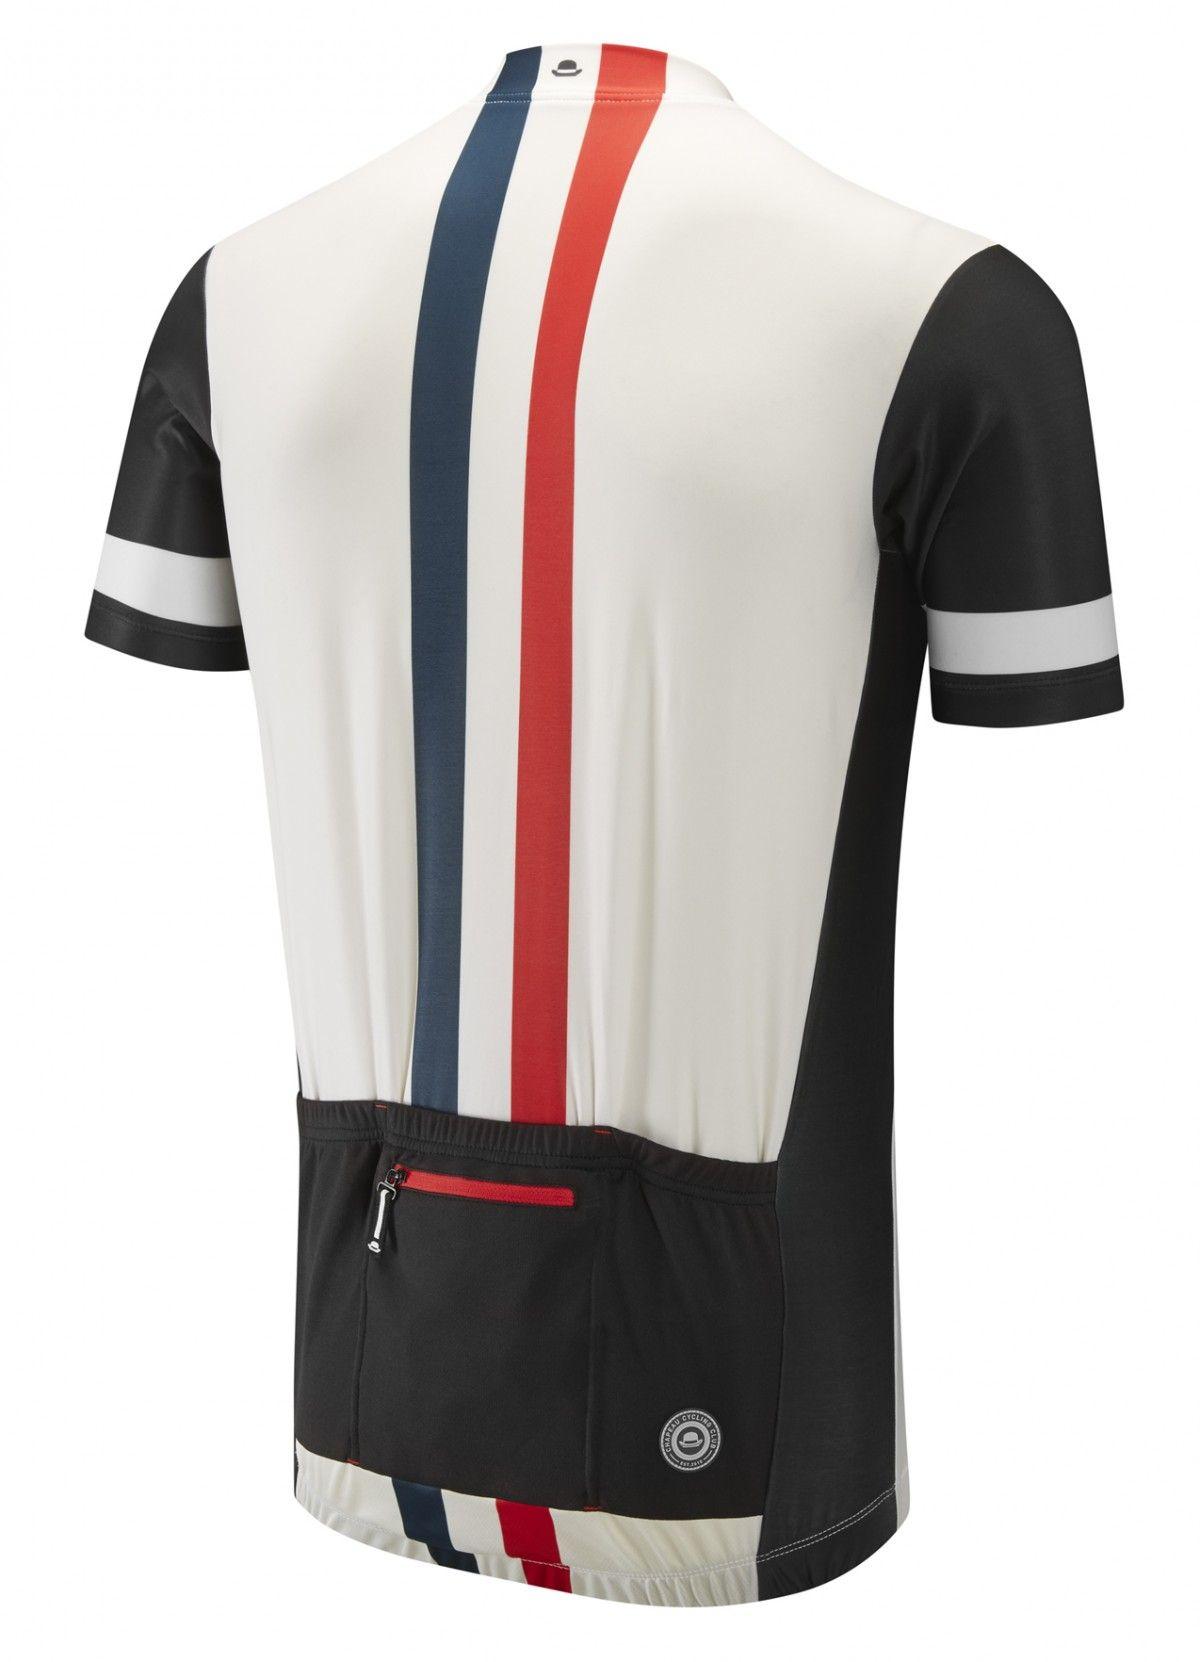 Etape Jersey - White Vertical Stripe - Cycling Jerseys - Men - Chapeau! 1023b147e